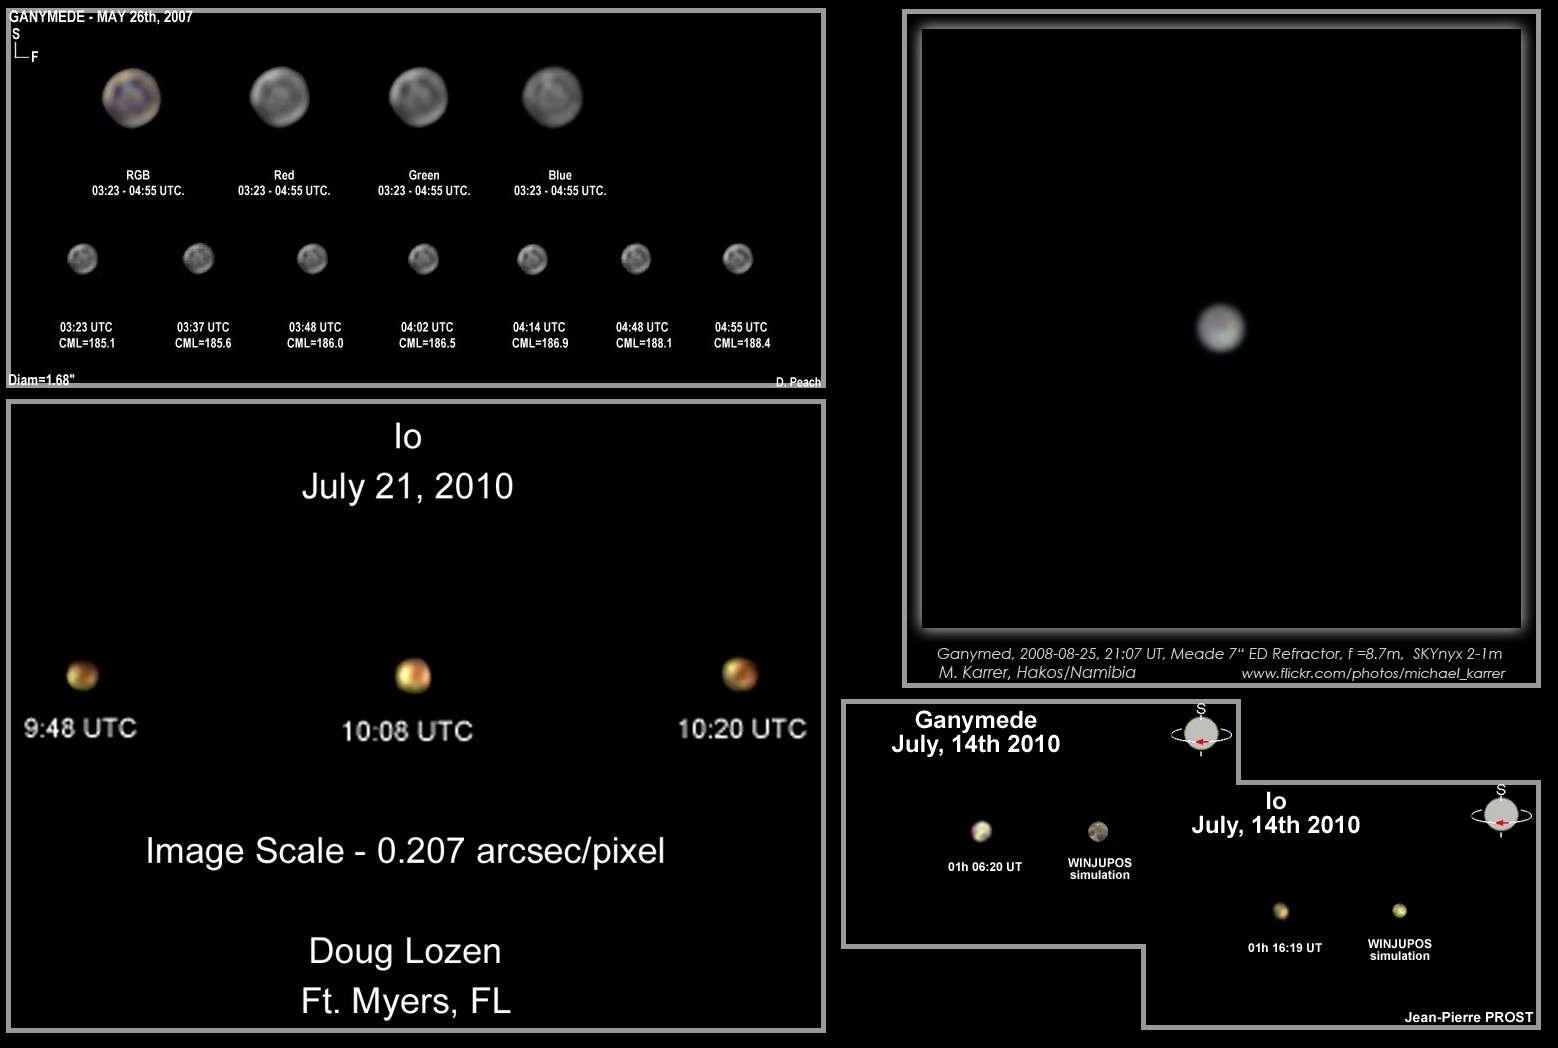 Florilège des meilleures images des satellites de Jupiter réalisées depuis trois ans par des astronomes amateurs. Crédits D. Peach, M. Karrer, D. Lozen, J.-P. Prost